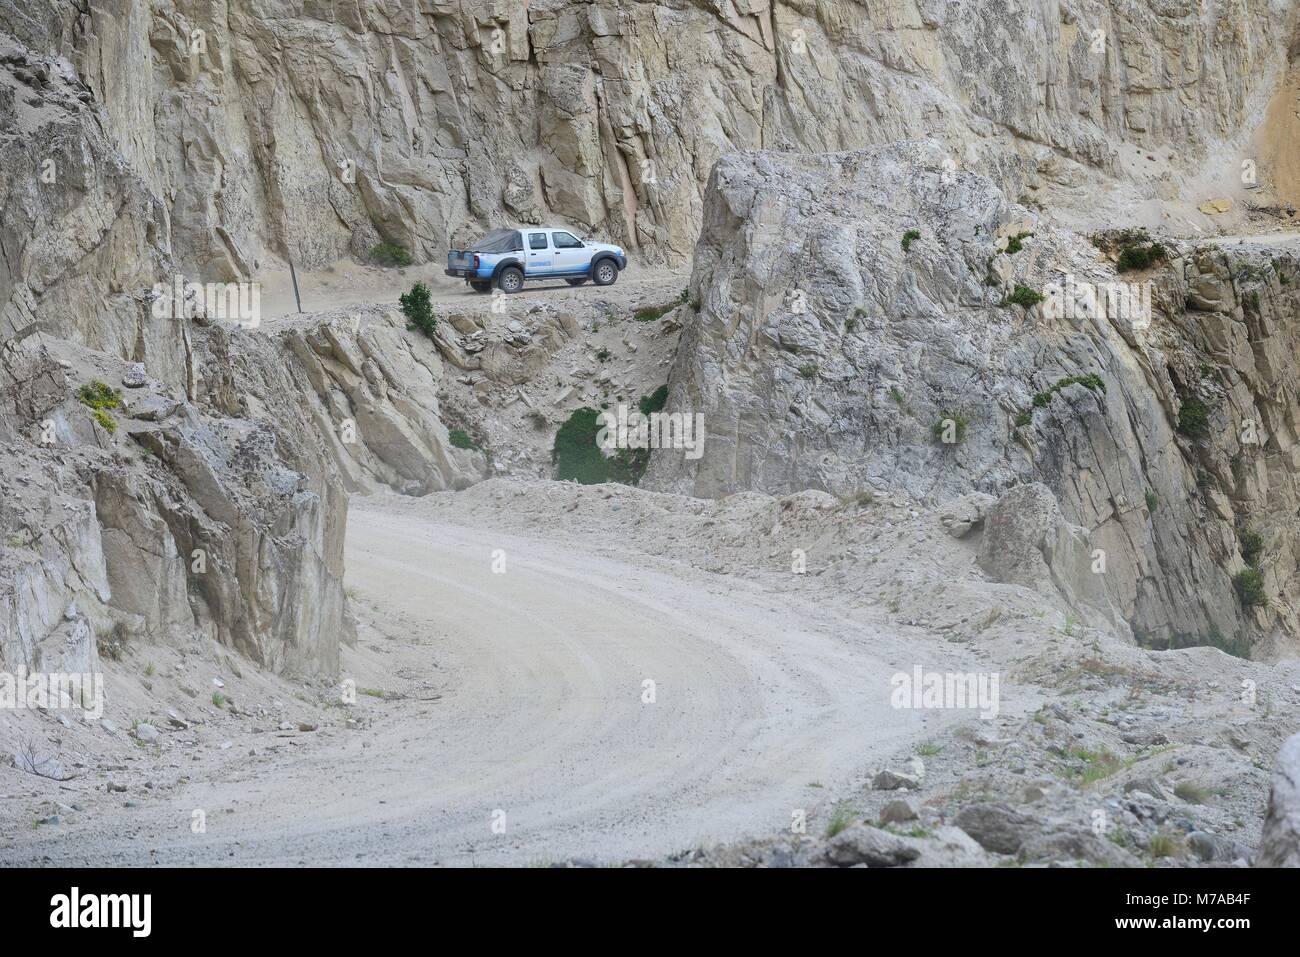 Los vehículos con tracción en las cuatro ruedas de un lado aventurero camino de la carretera Autral, cerca Imagen De Stock